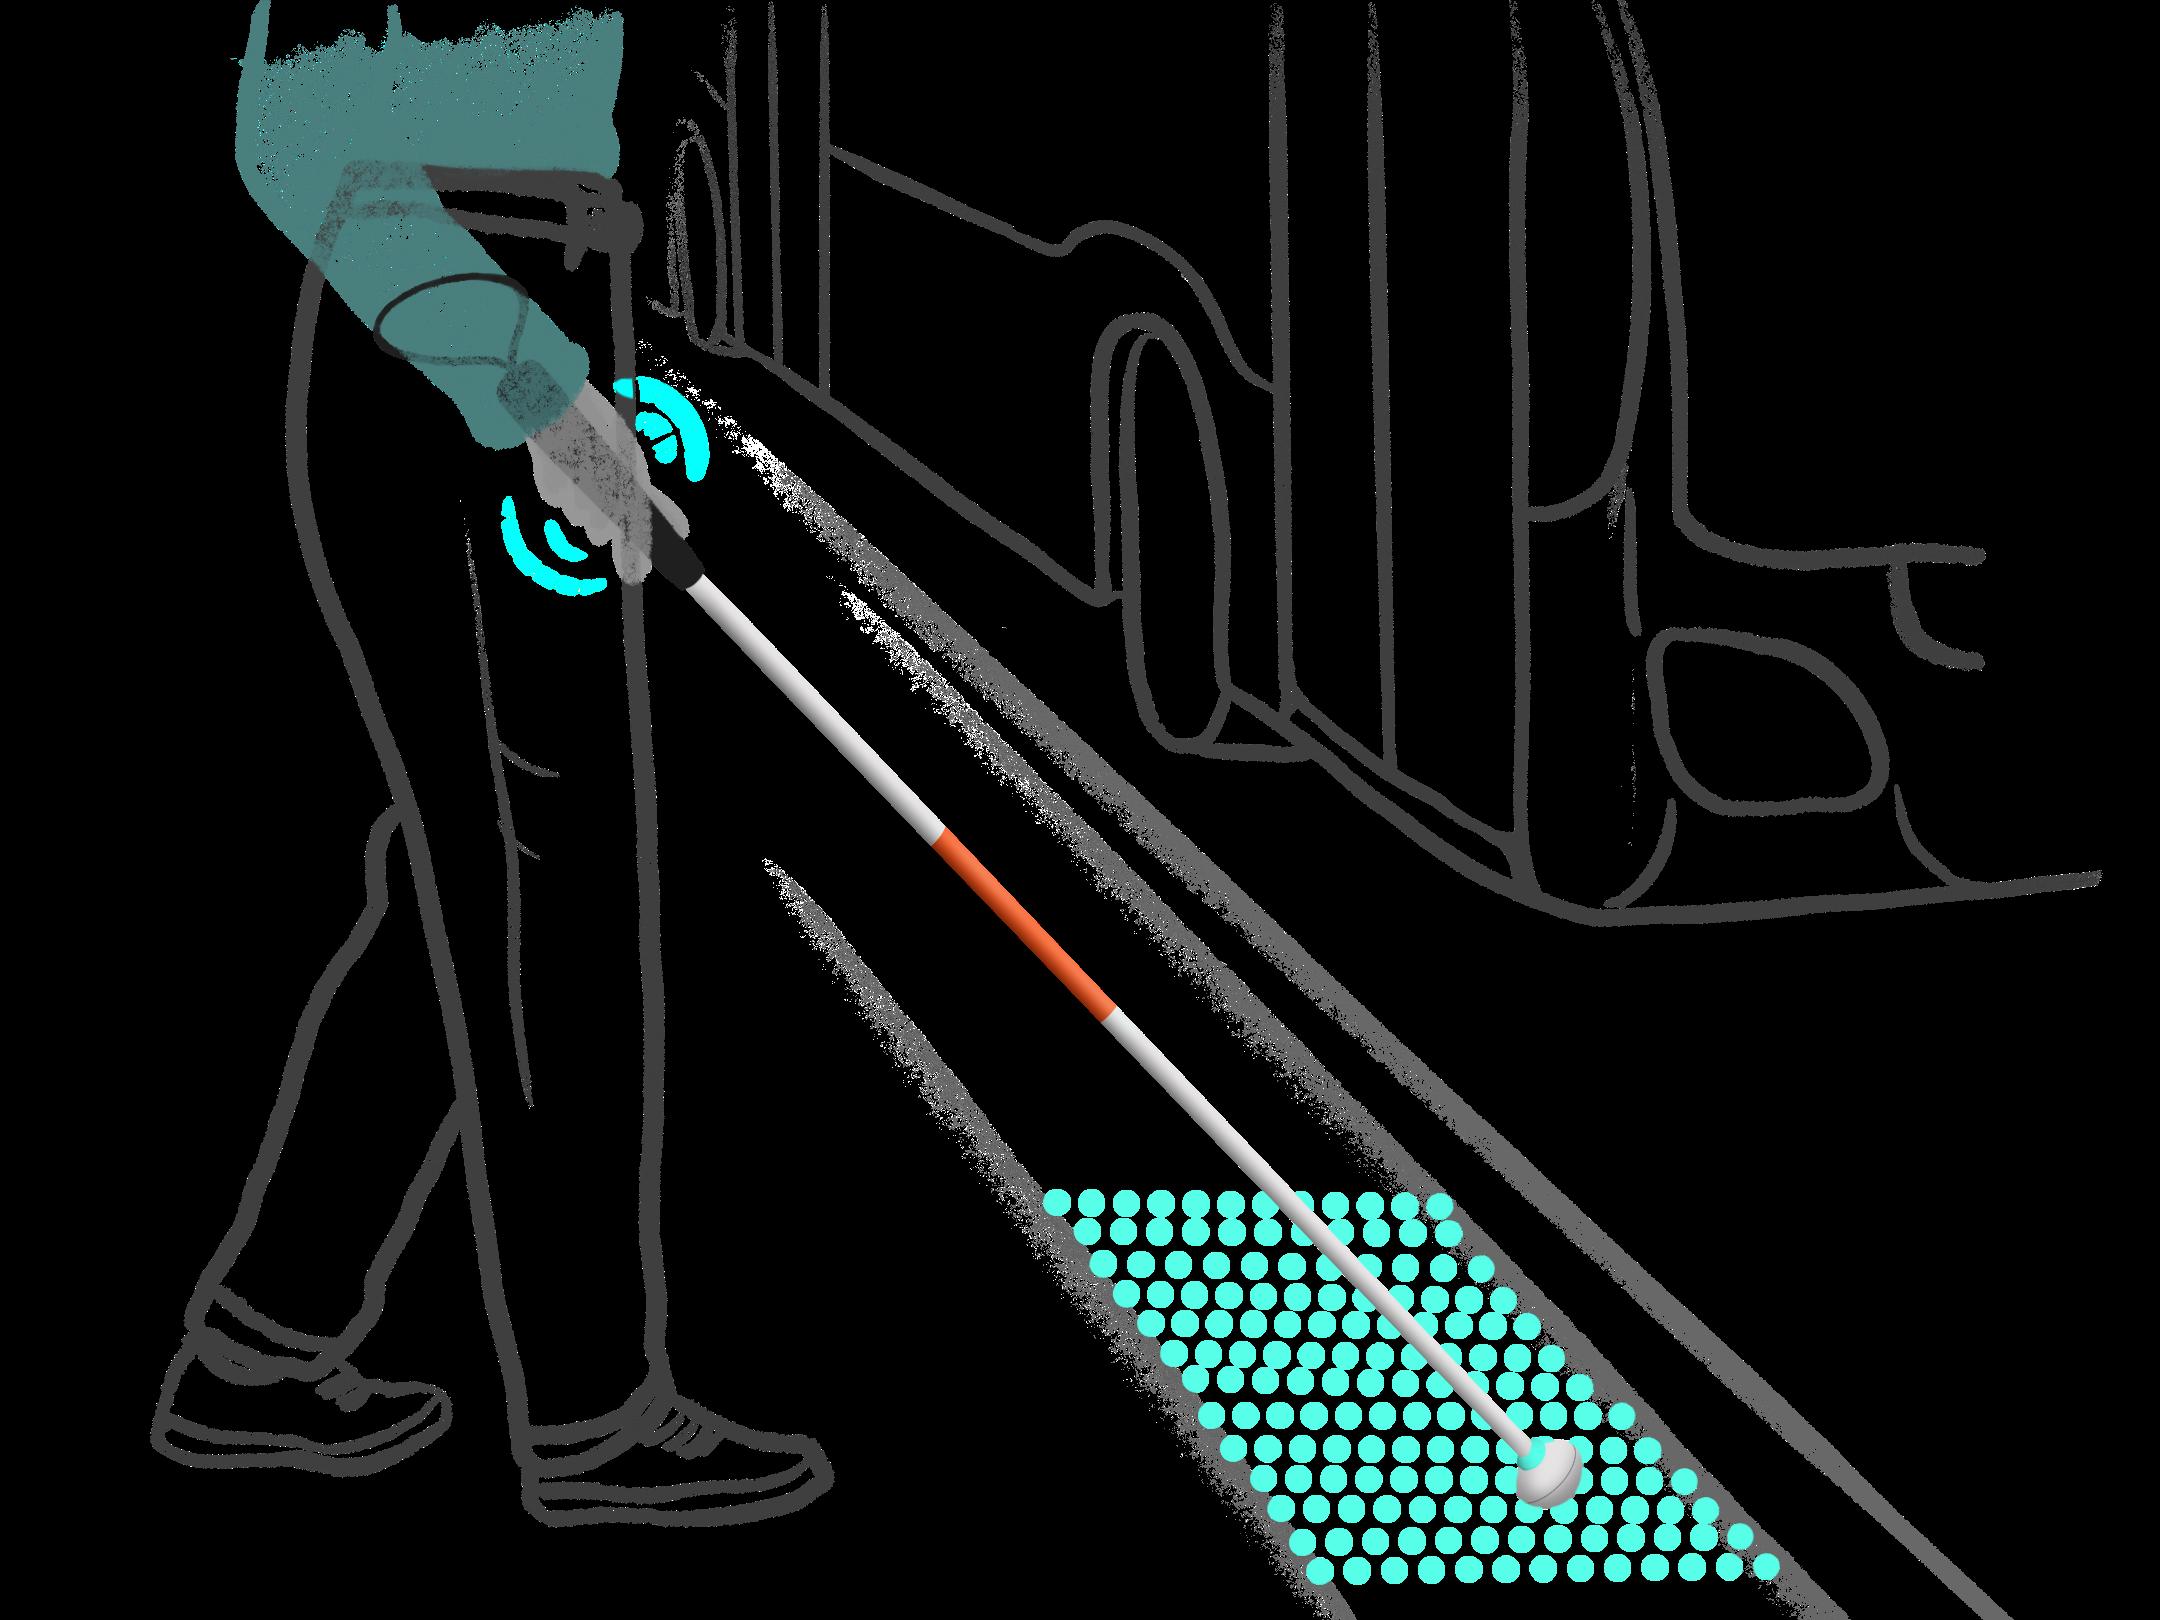 Eine Person die die virtuelle Noppenplatte mit den Blindenstockaufsatz von tactile spürt. Der Aufsatz führt die blinde Person zum Einstieg des einfahrenden Busses.